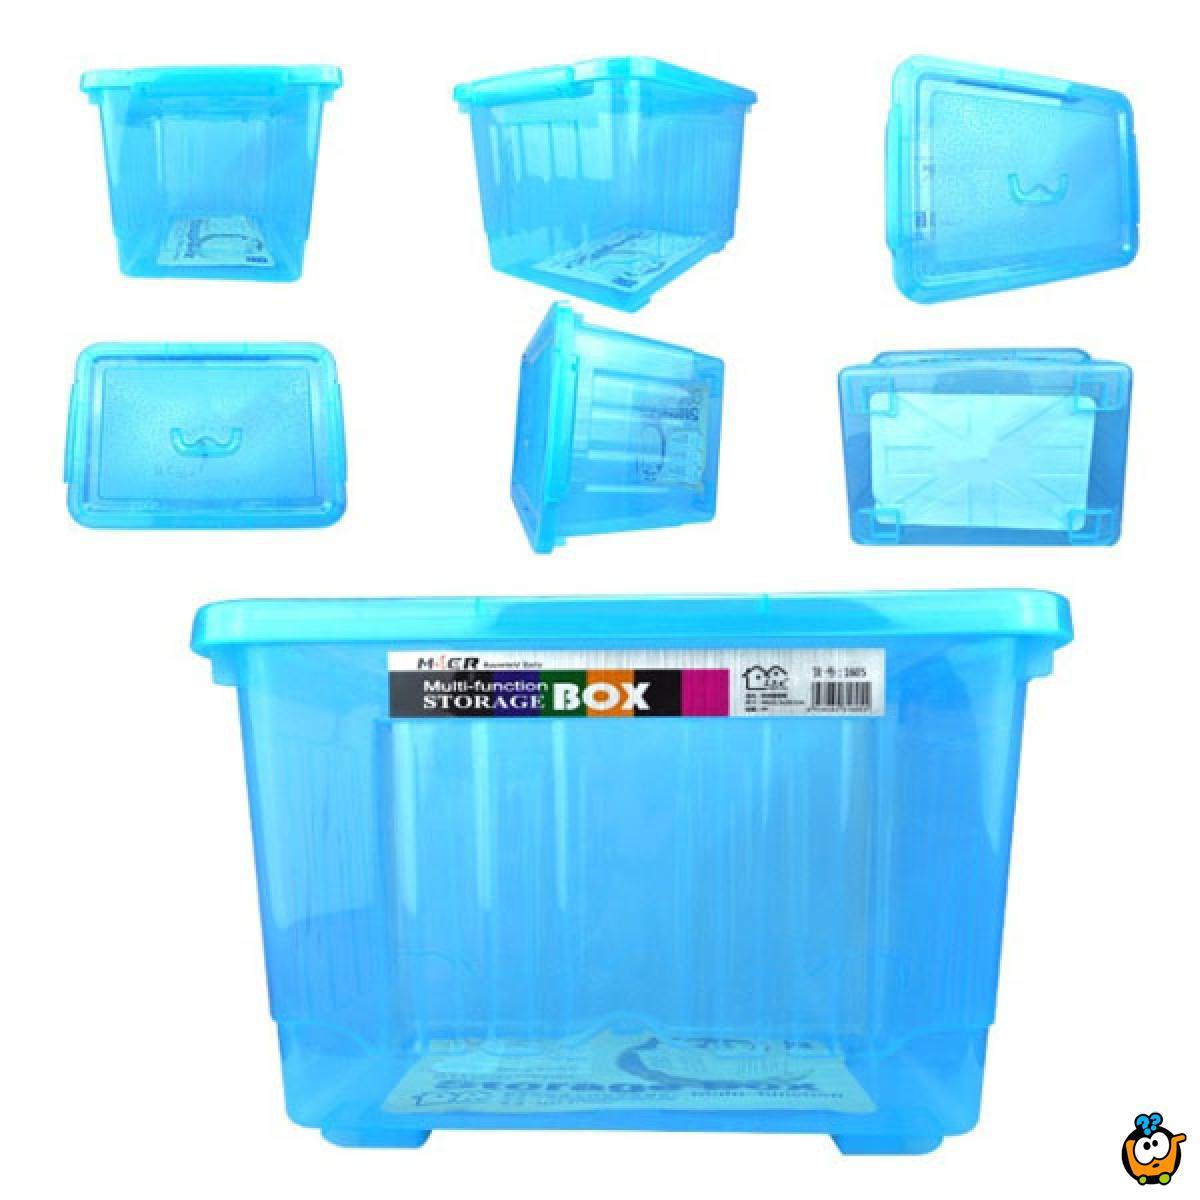 Kutija za skladištenje igračaka i ostalih stvari  23,5x16,5x14,5